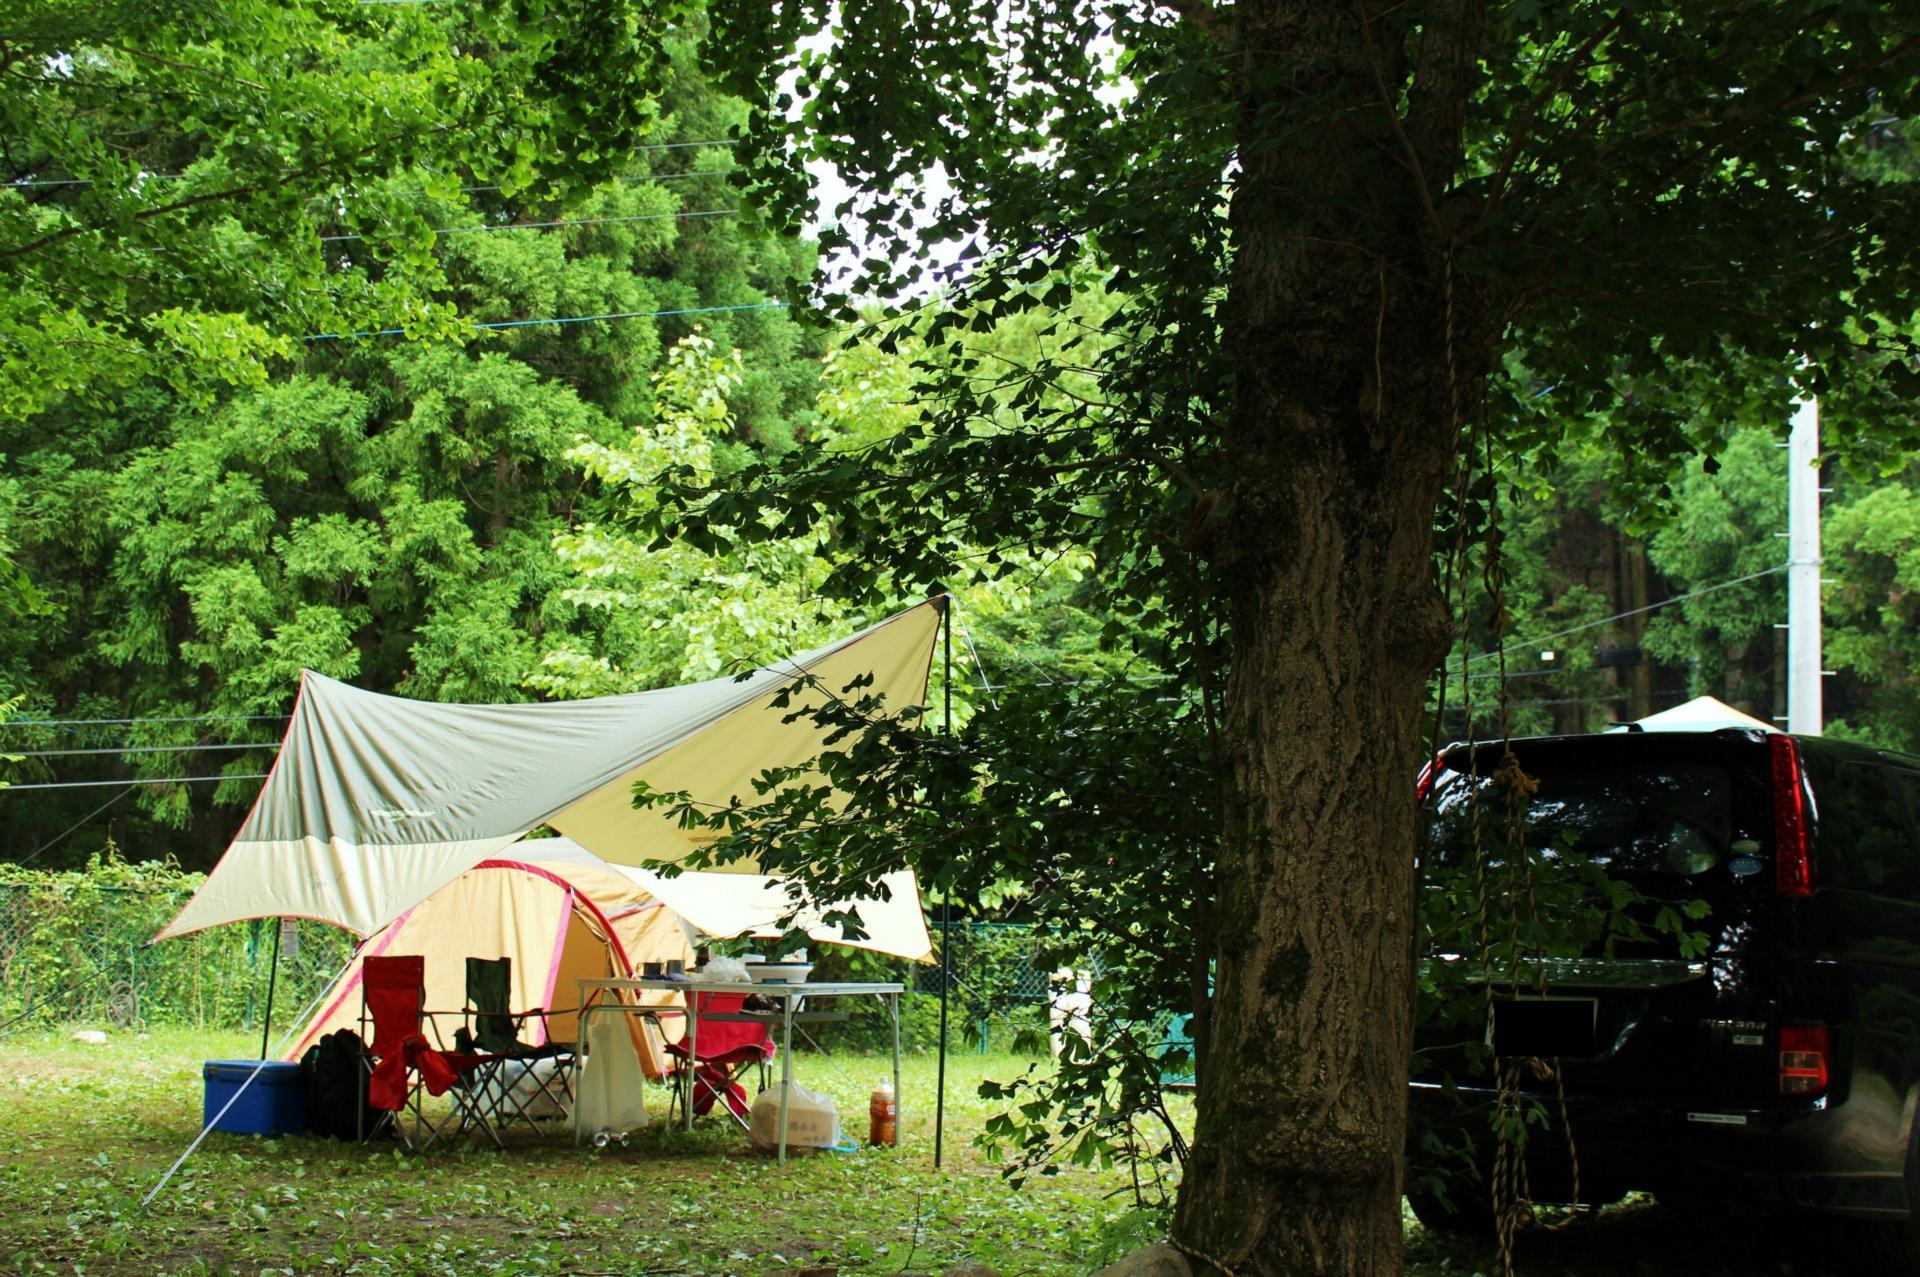 椿 荘 オート キャンプ 場 天気